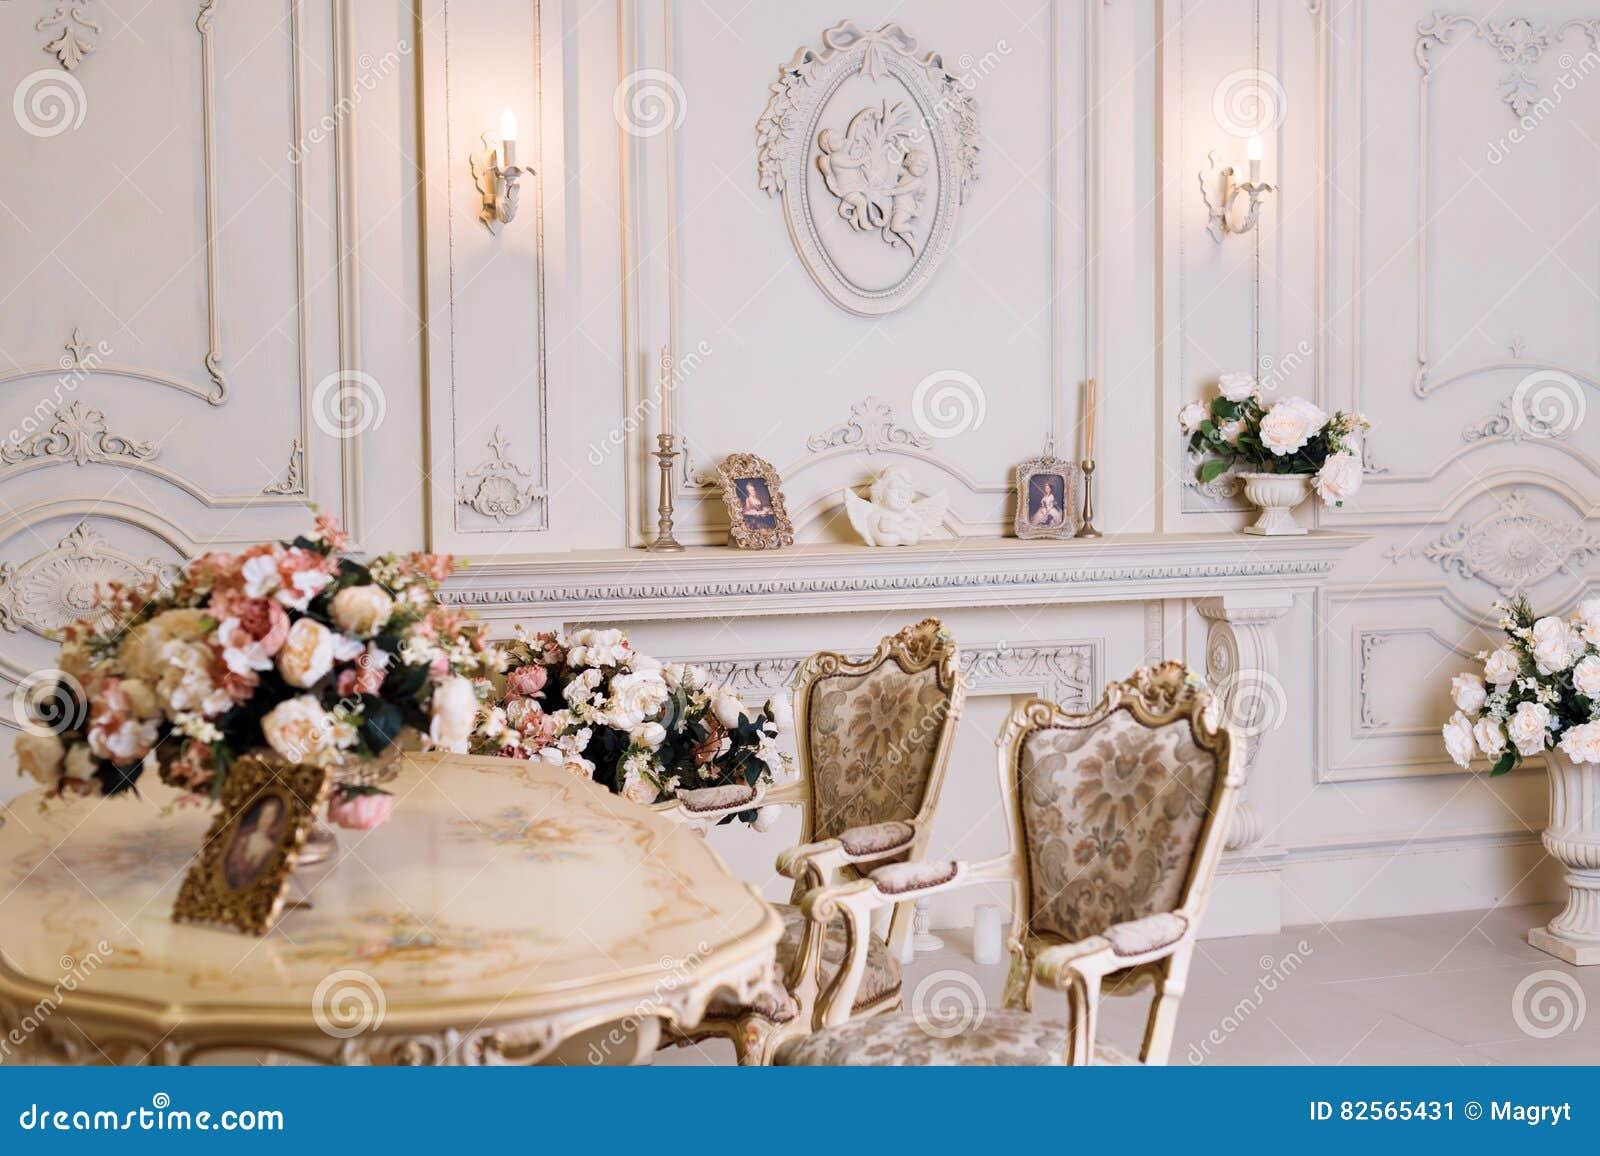 moderne luxus kamine babblepath esszimmer. formatzweck luxus ... - Luxus Wohnung Mit Kaminofen